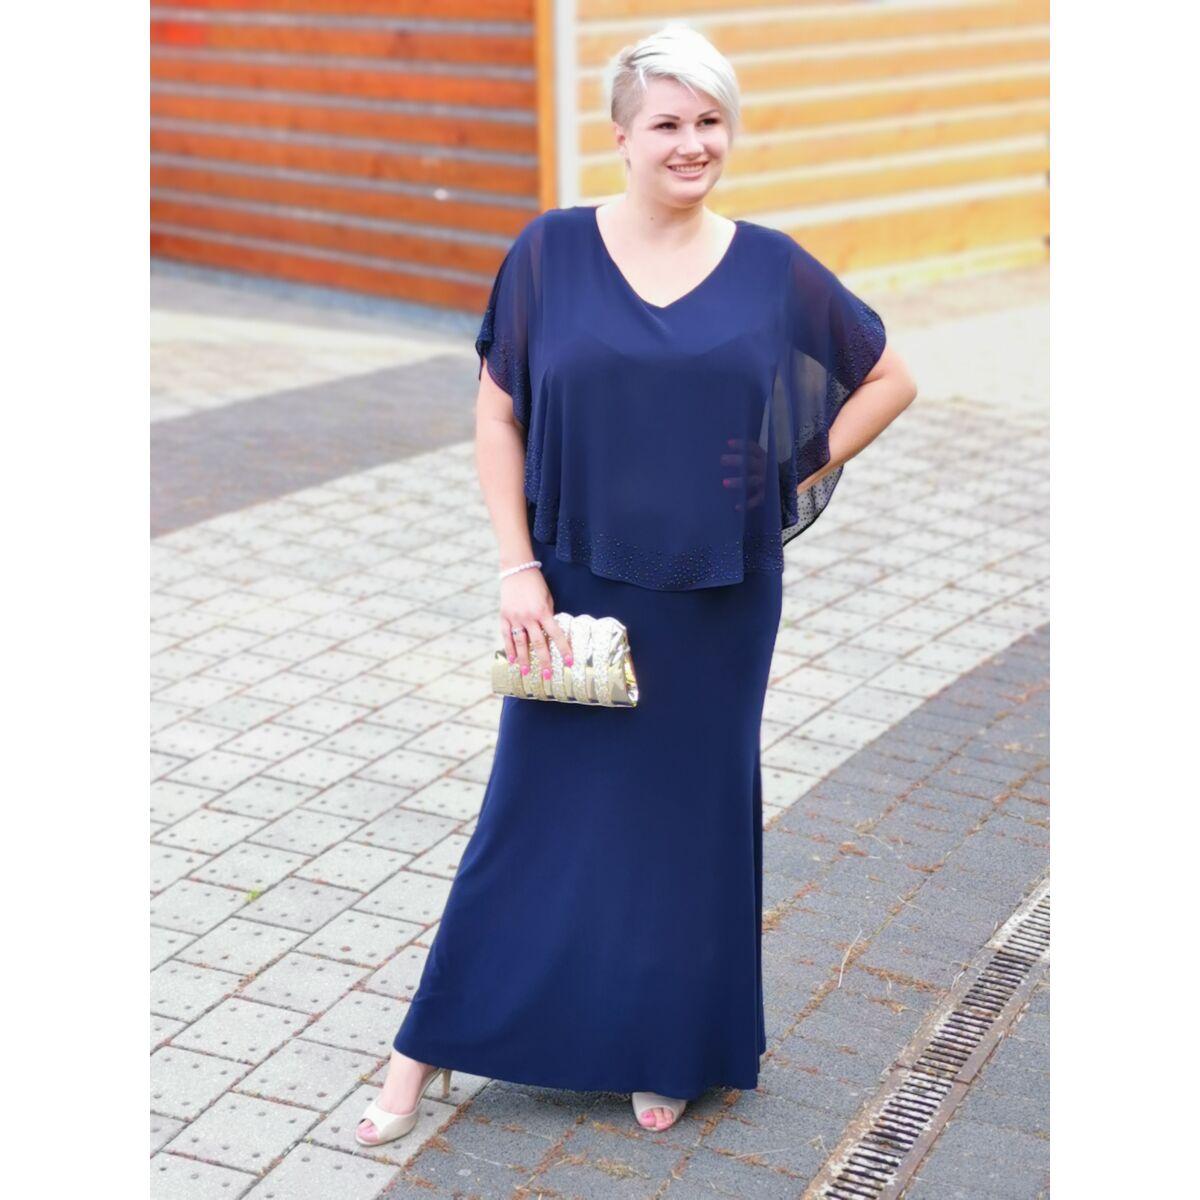 Ulla ruha - plus size örömanya és alkalmi maxi ruha